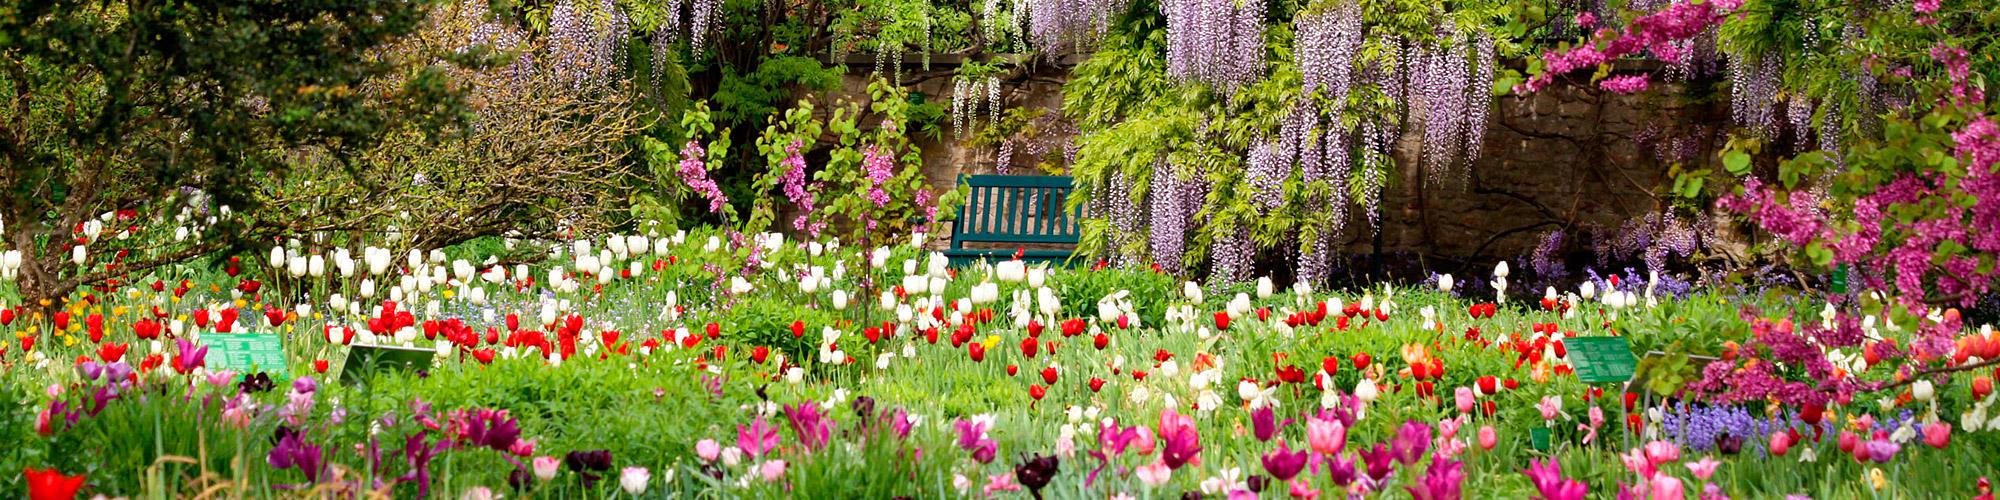 walker gartenbau sindelfingen ? natur. form. vollendet. - Gartengestaltung Mit Steinen Und Blumen